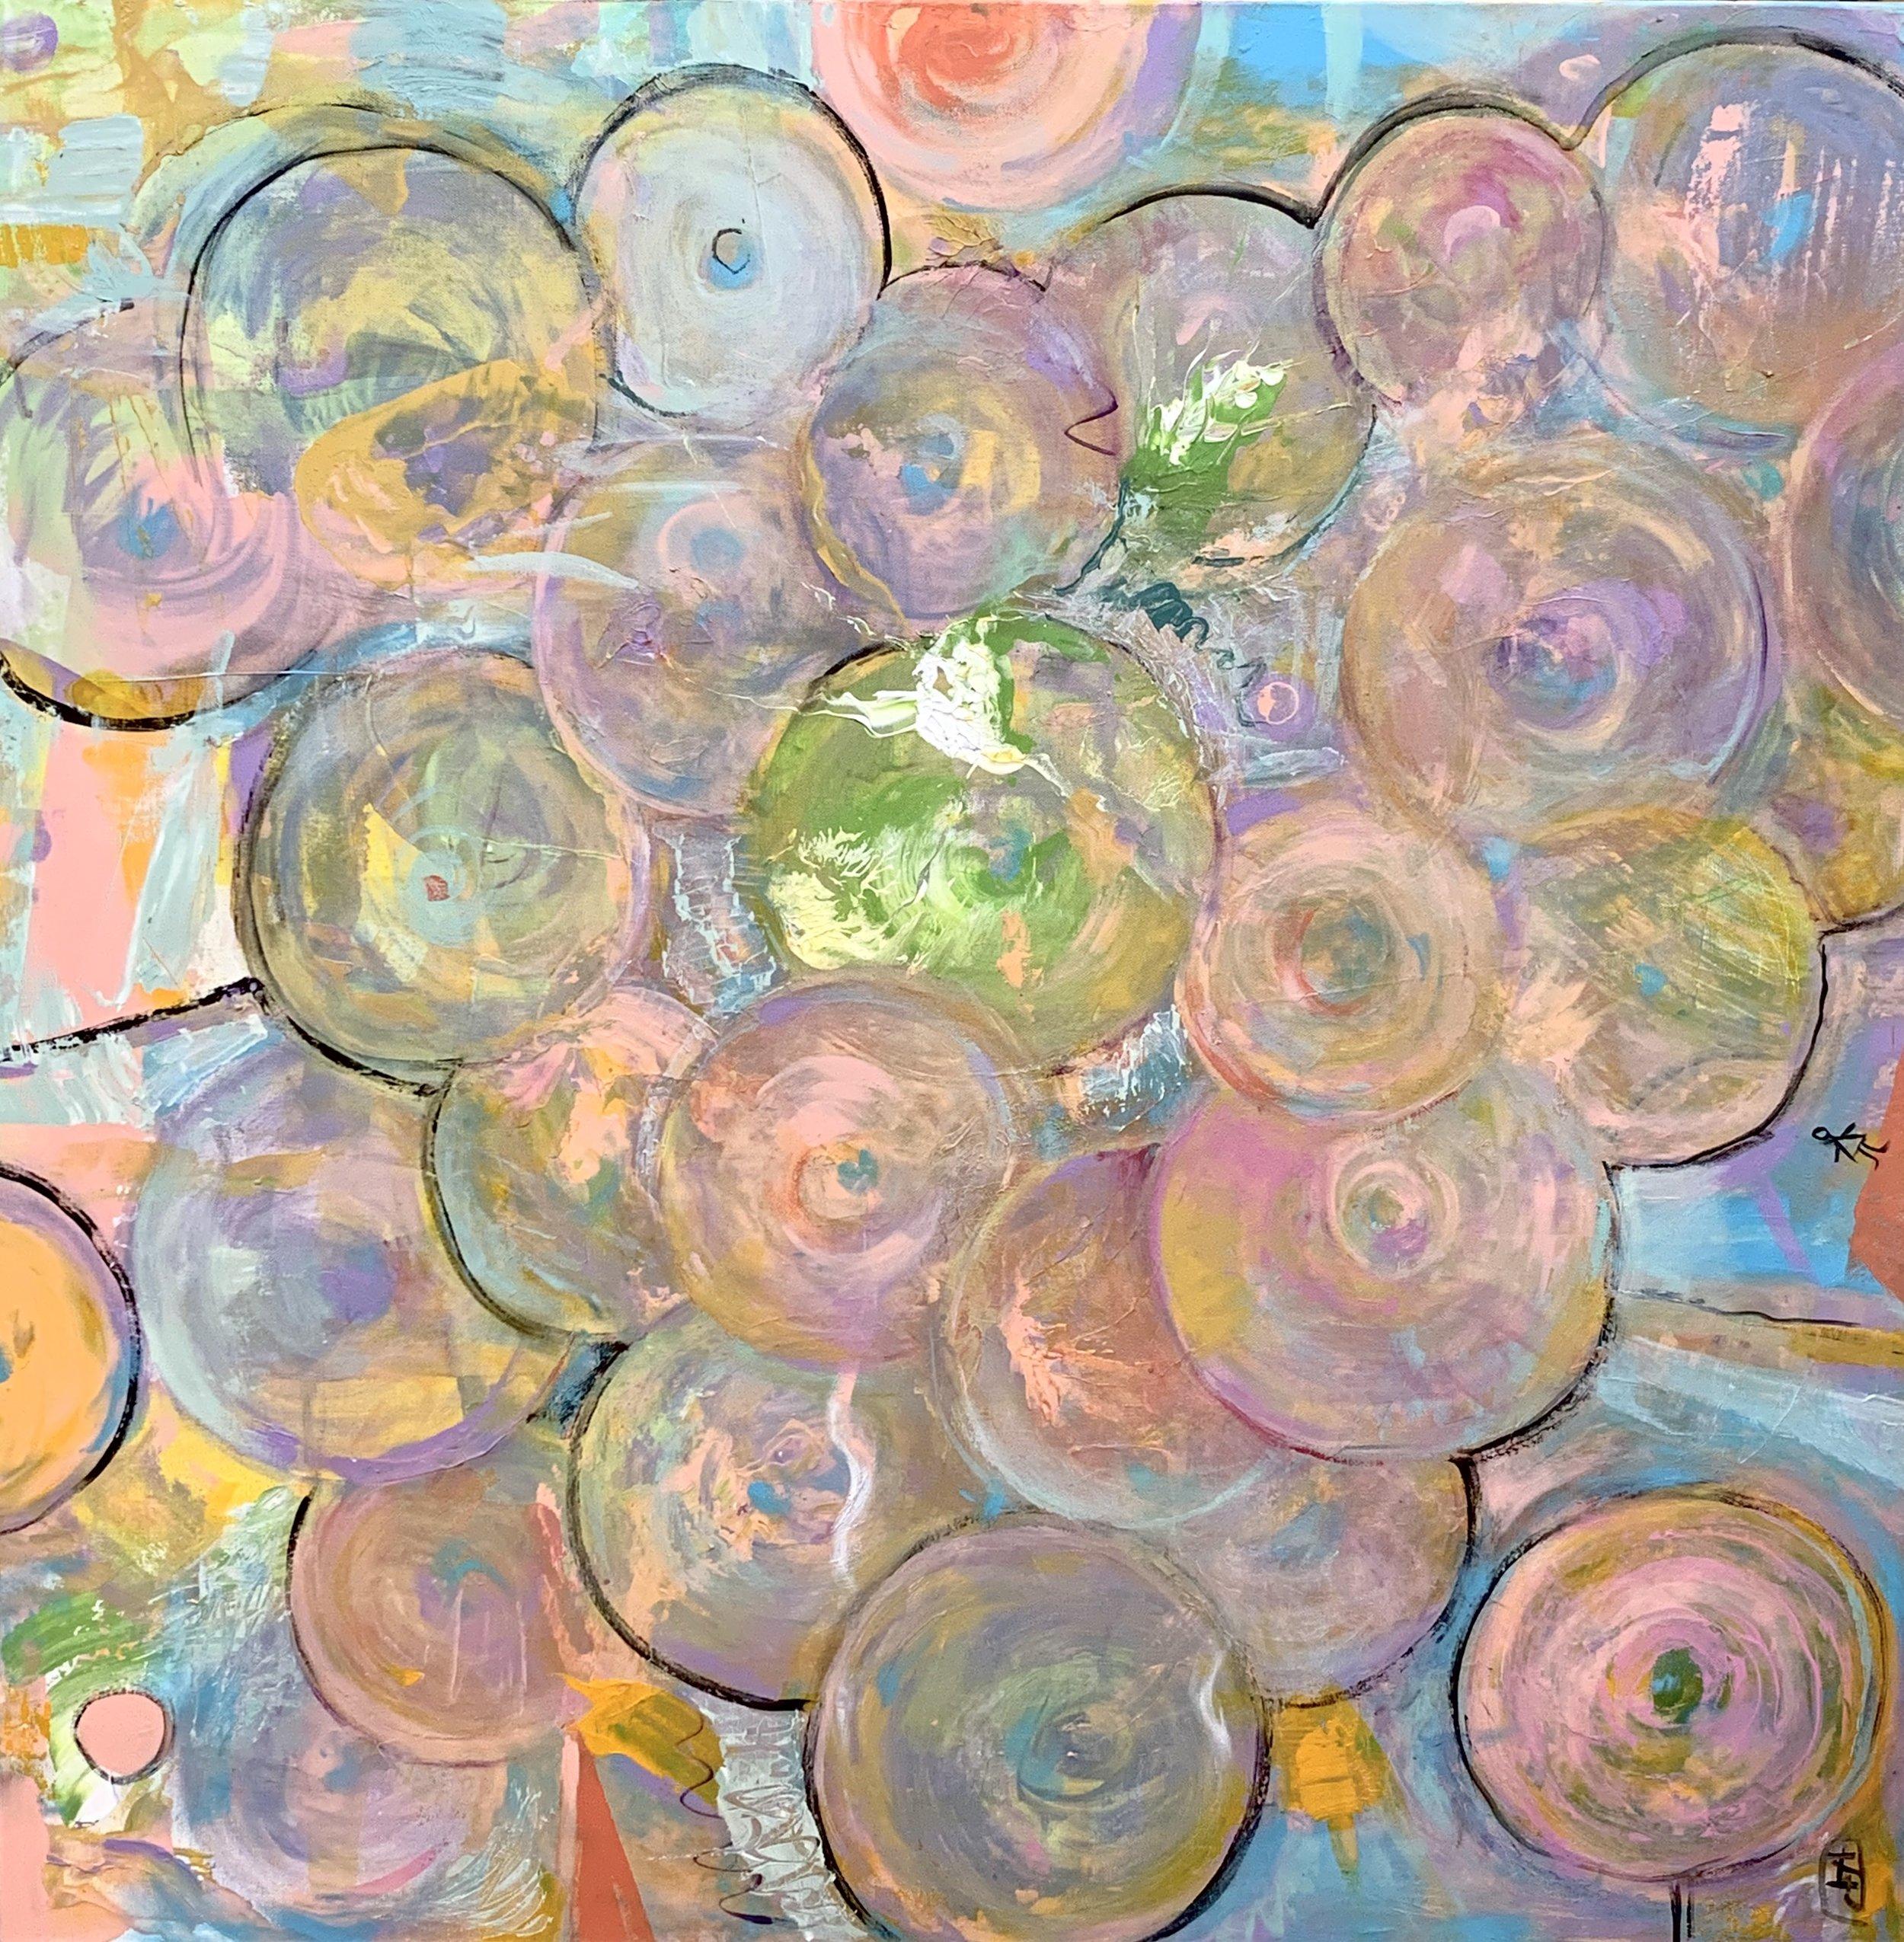 """'Surveillance Cameras, Balloons, Boobs, Lollipops', Acrylic on Canvas, 36""""x36"""""""